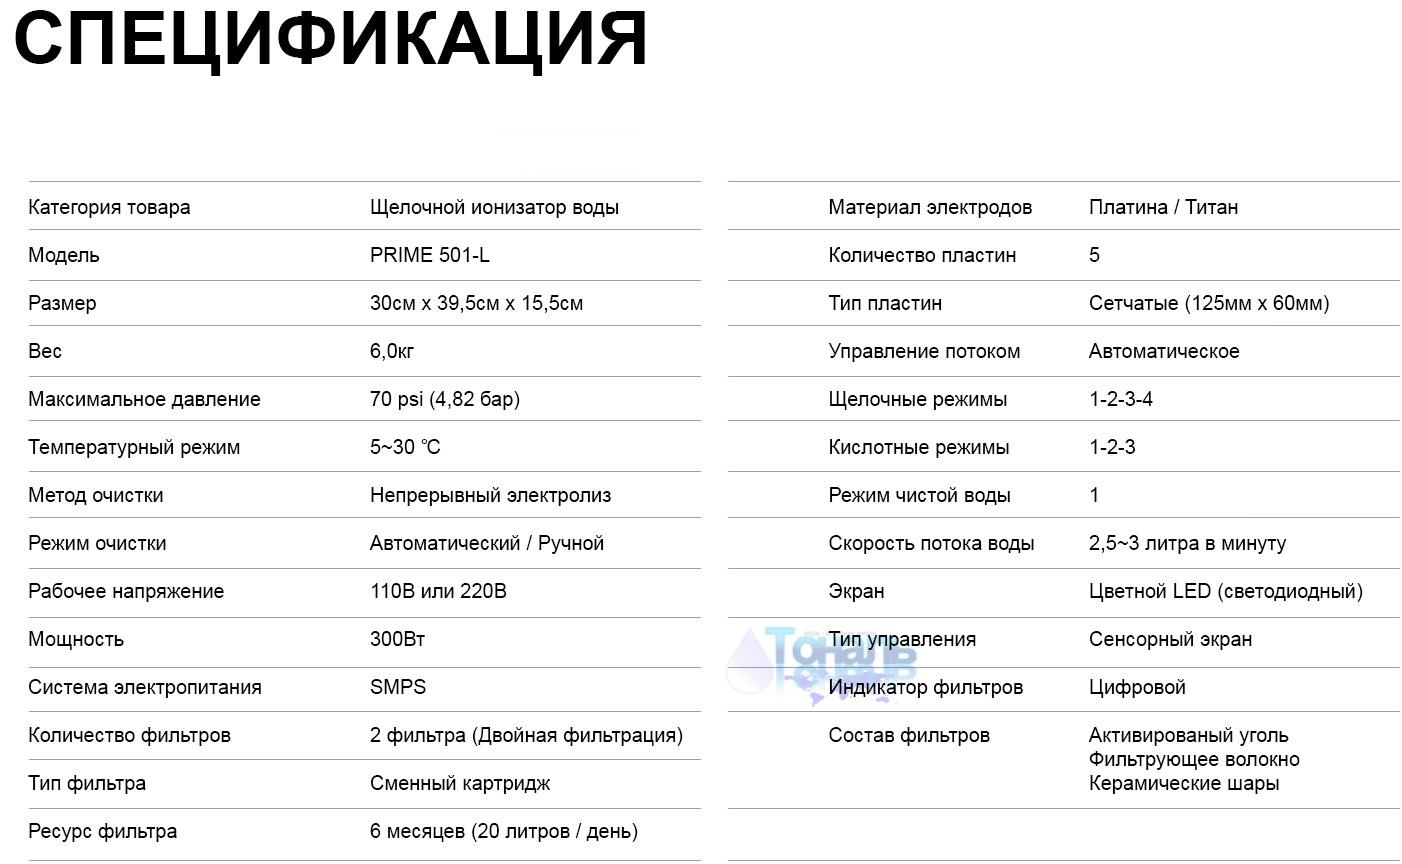 характеристики иониза тора воды prime water 501 L